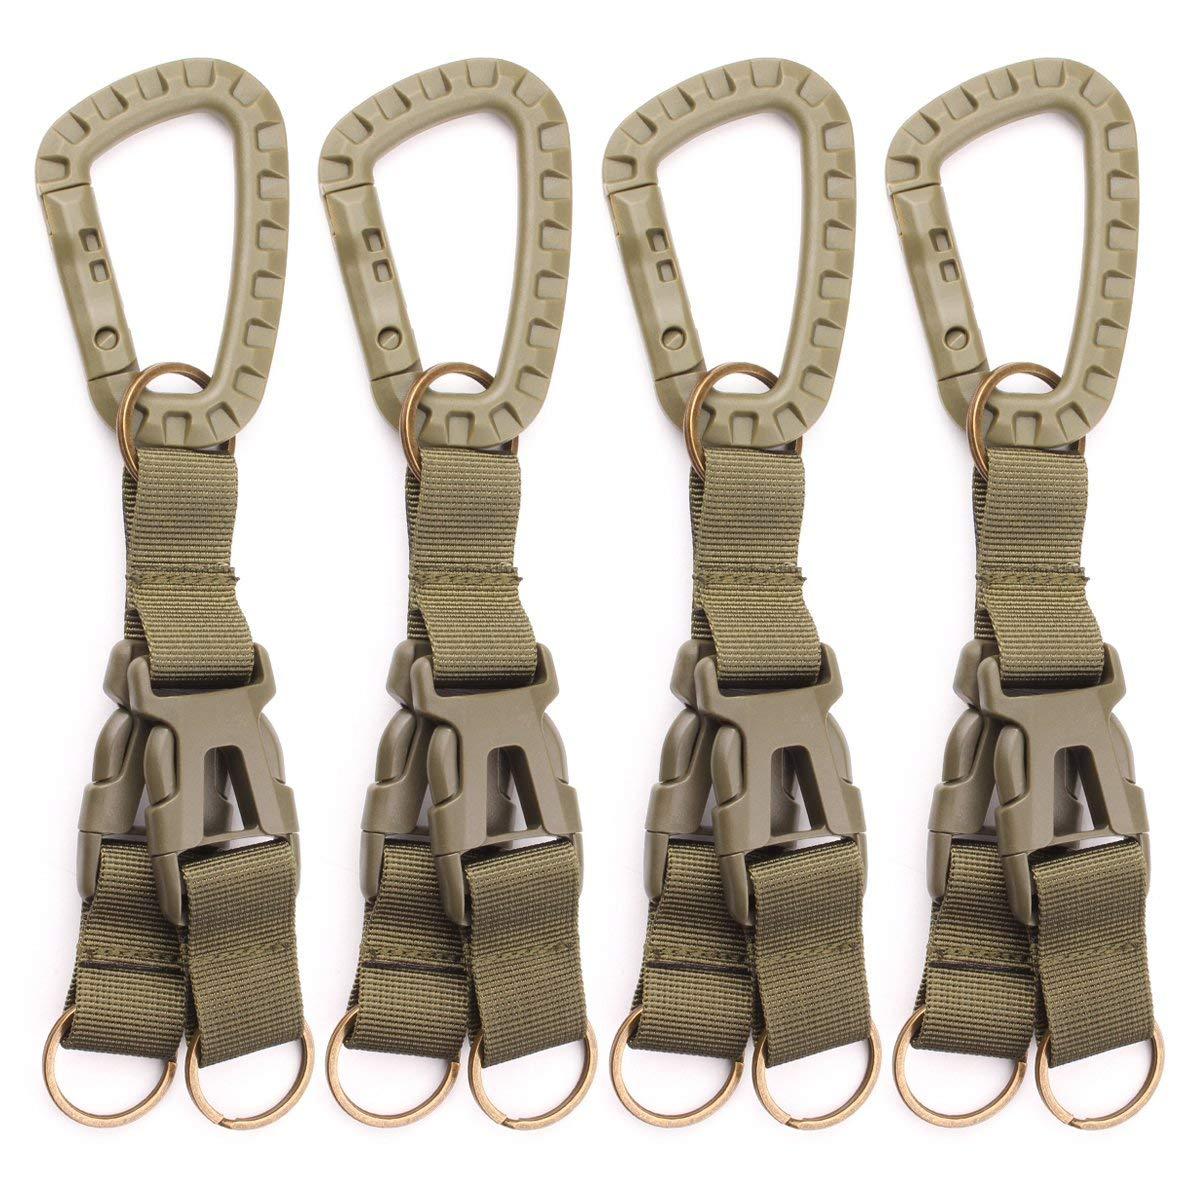 Quick Release Buckle Adjustable Backpack Bag Luggage Strap Alomejor Baggage Straps Belt